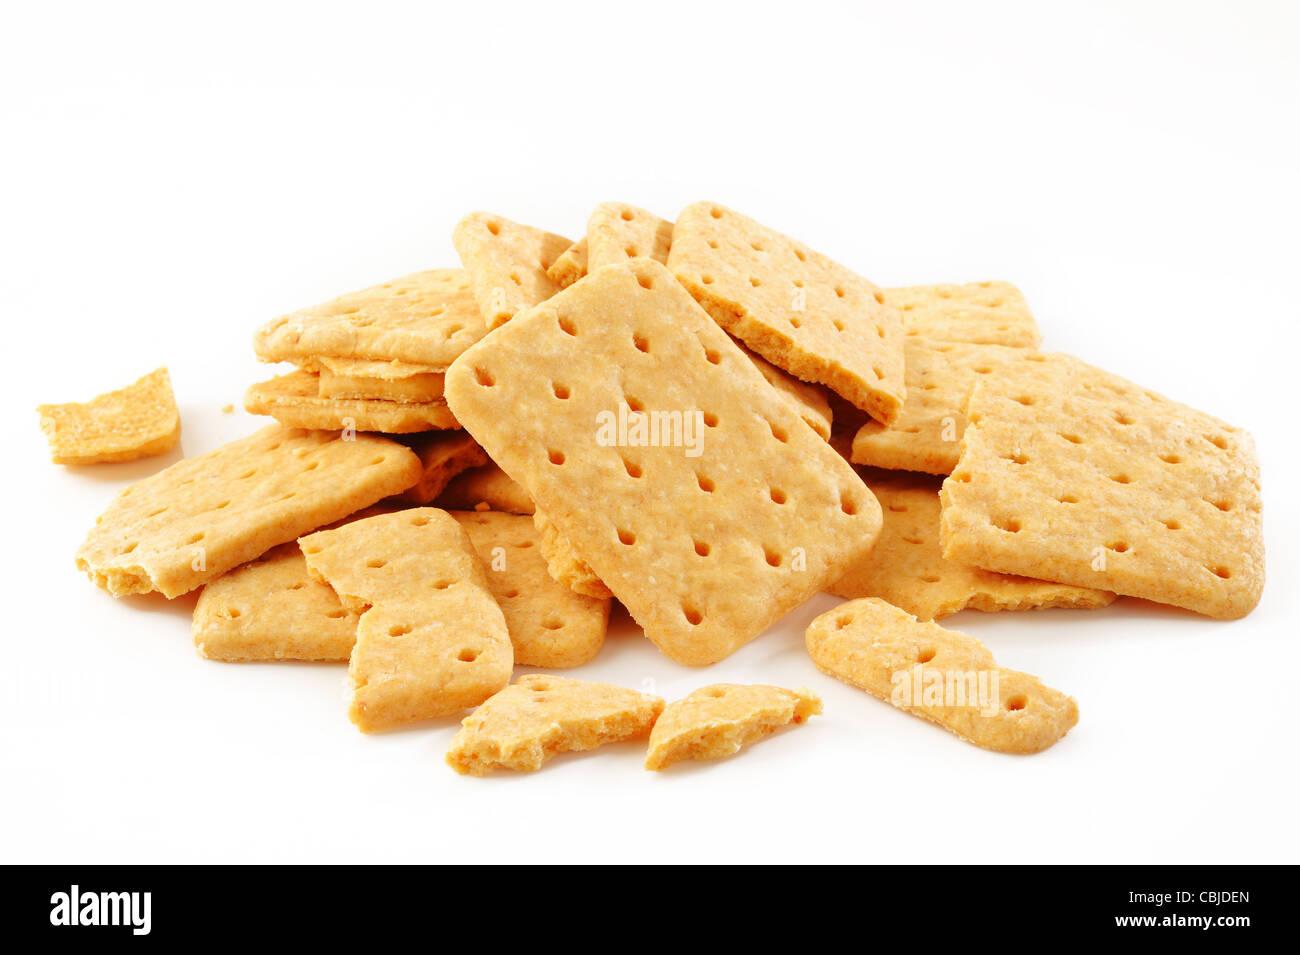 broken cracker on white background - Stock Image